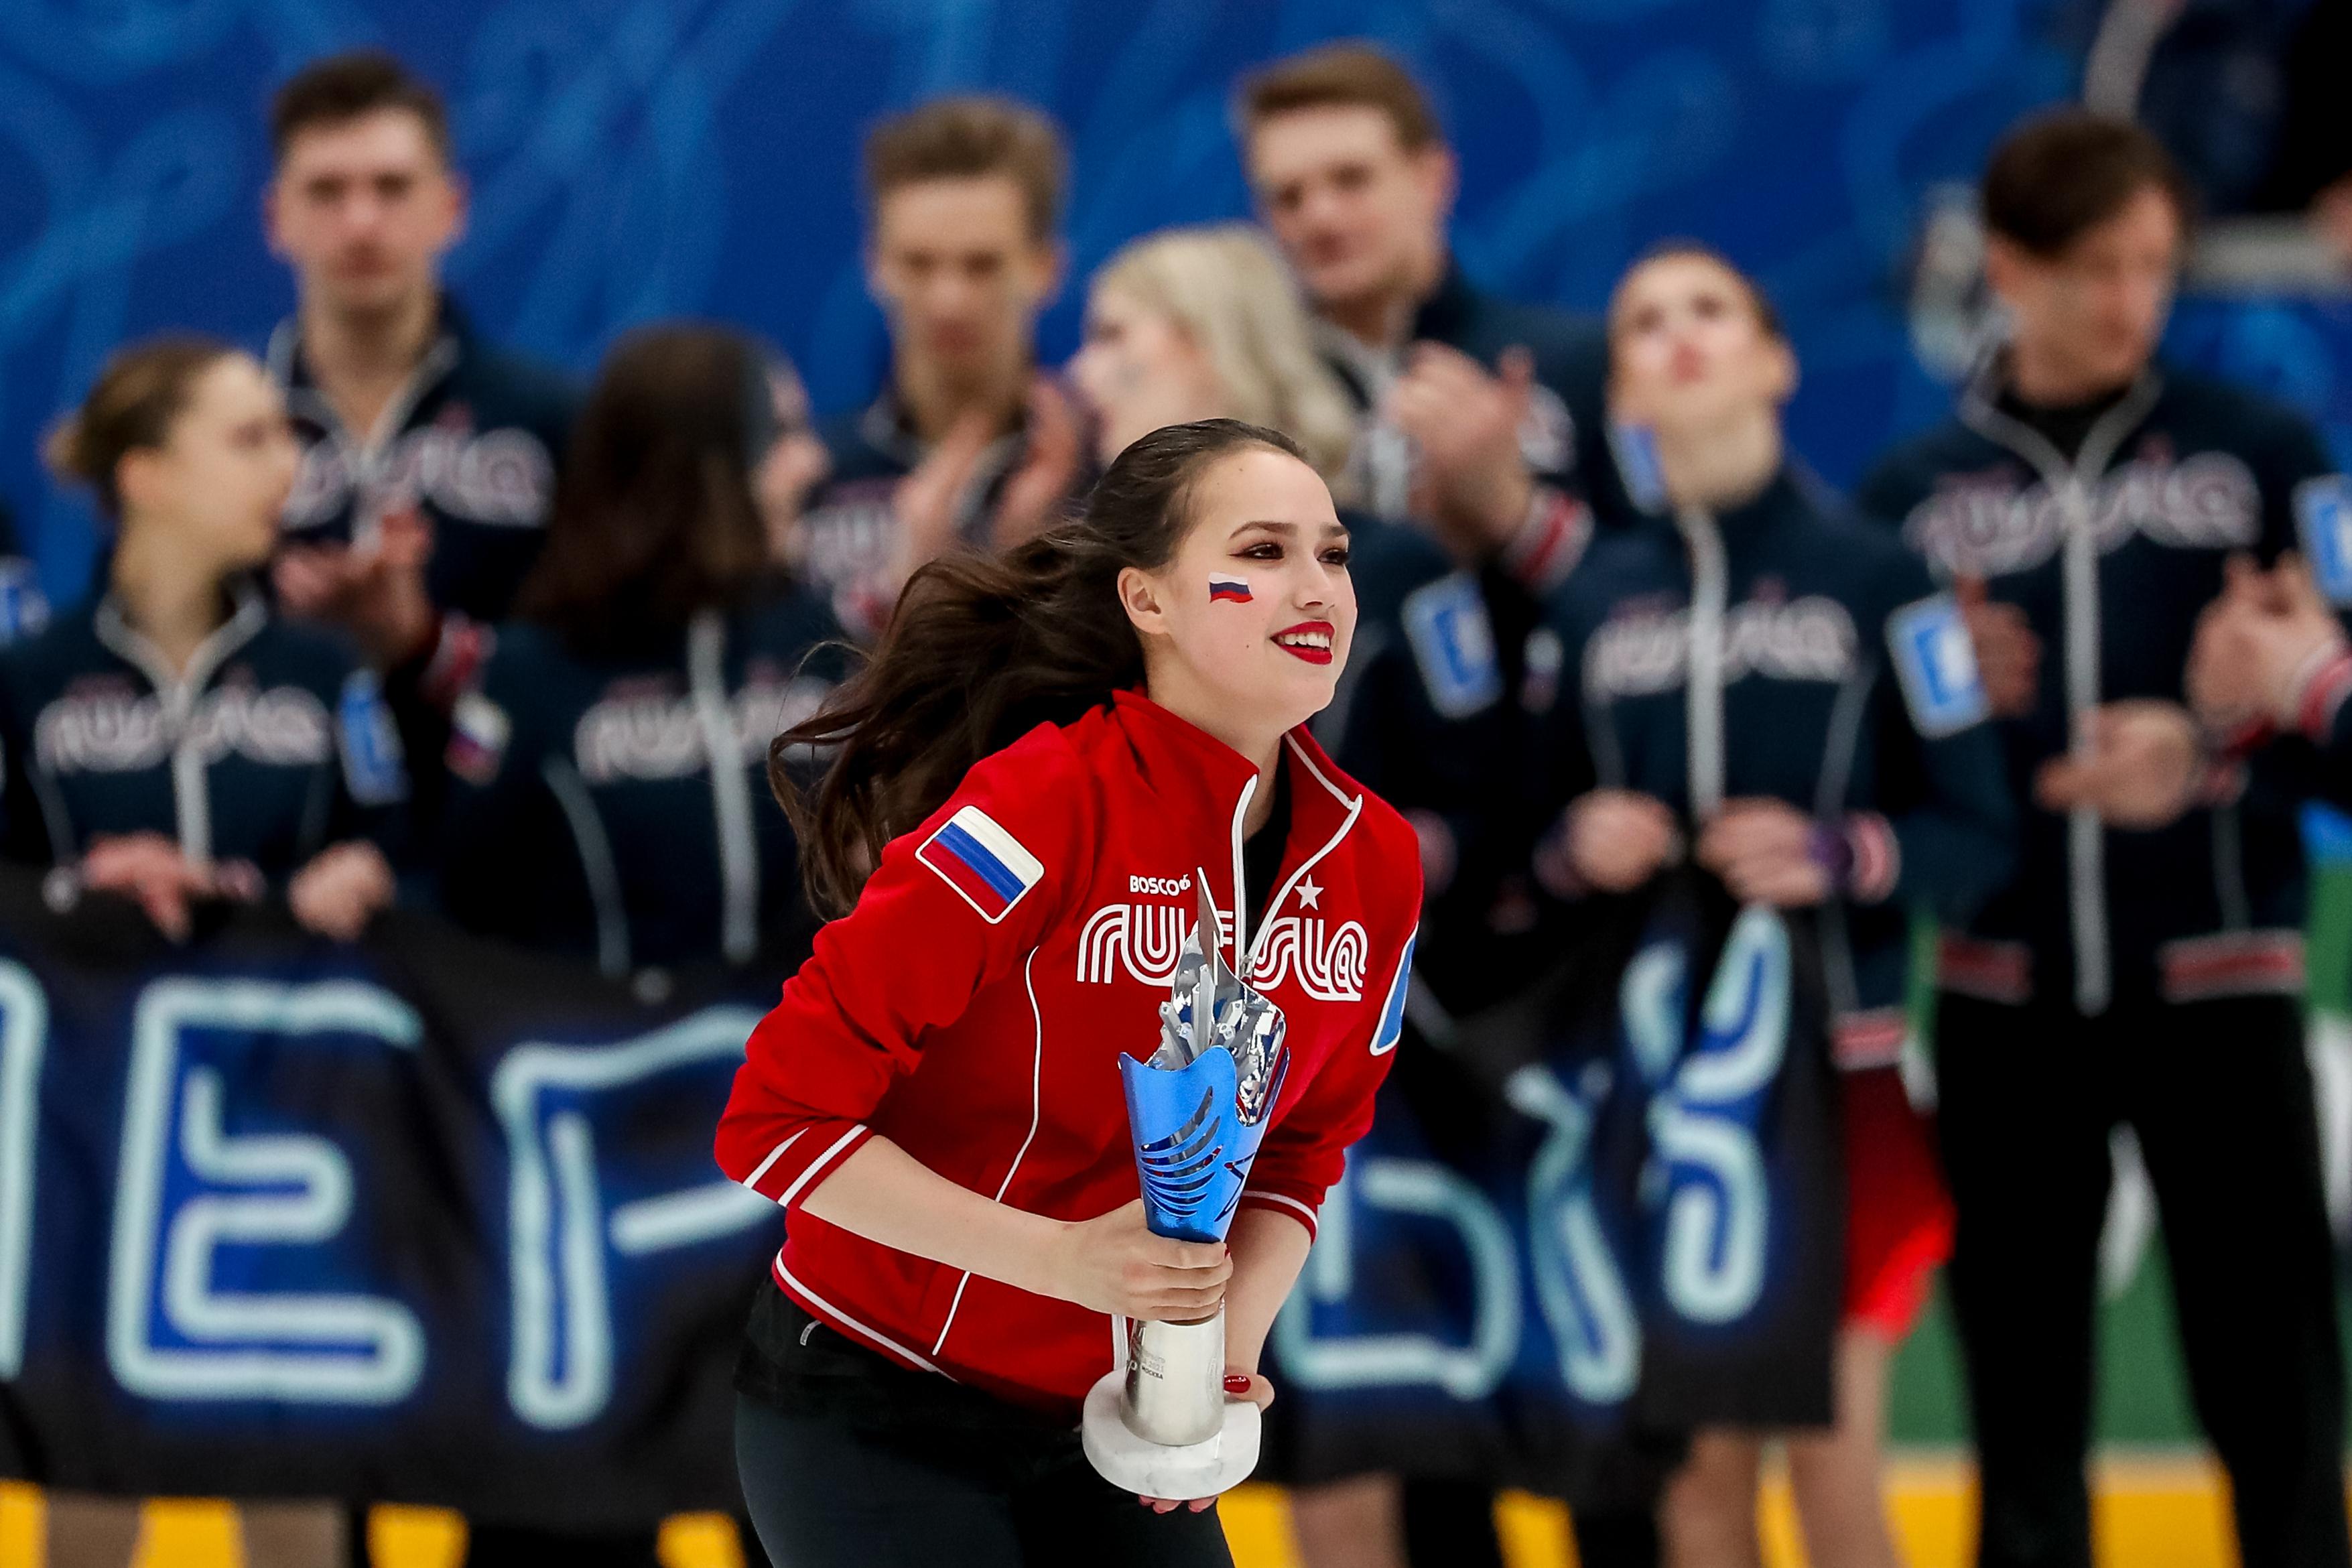 Поражение не признаём: Медведева снова проиграла Загитовой и психанула, как на Олимпиаде